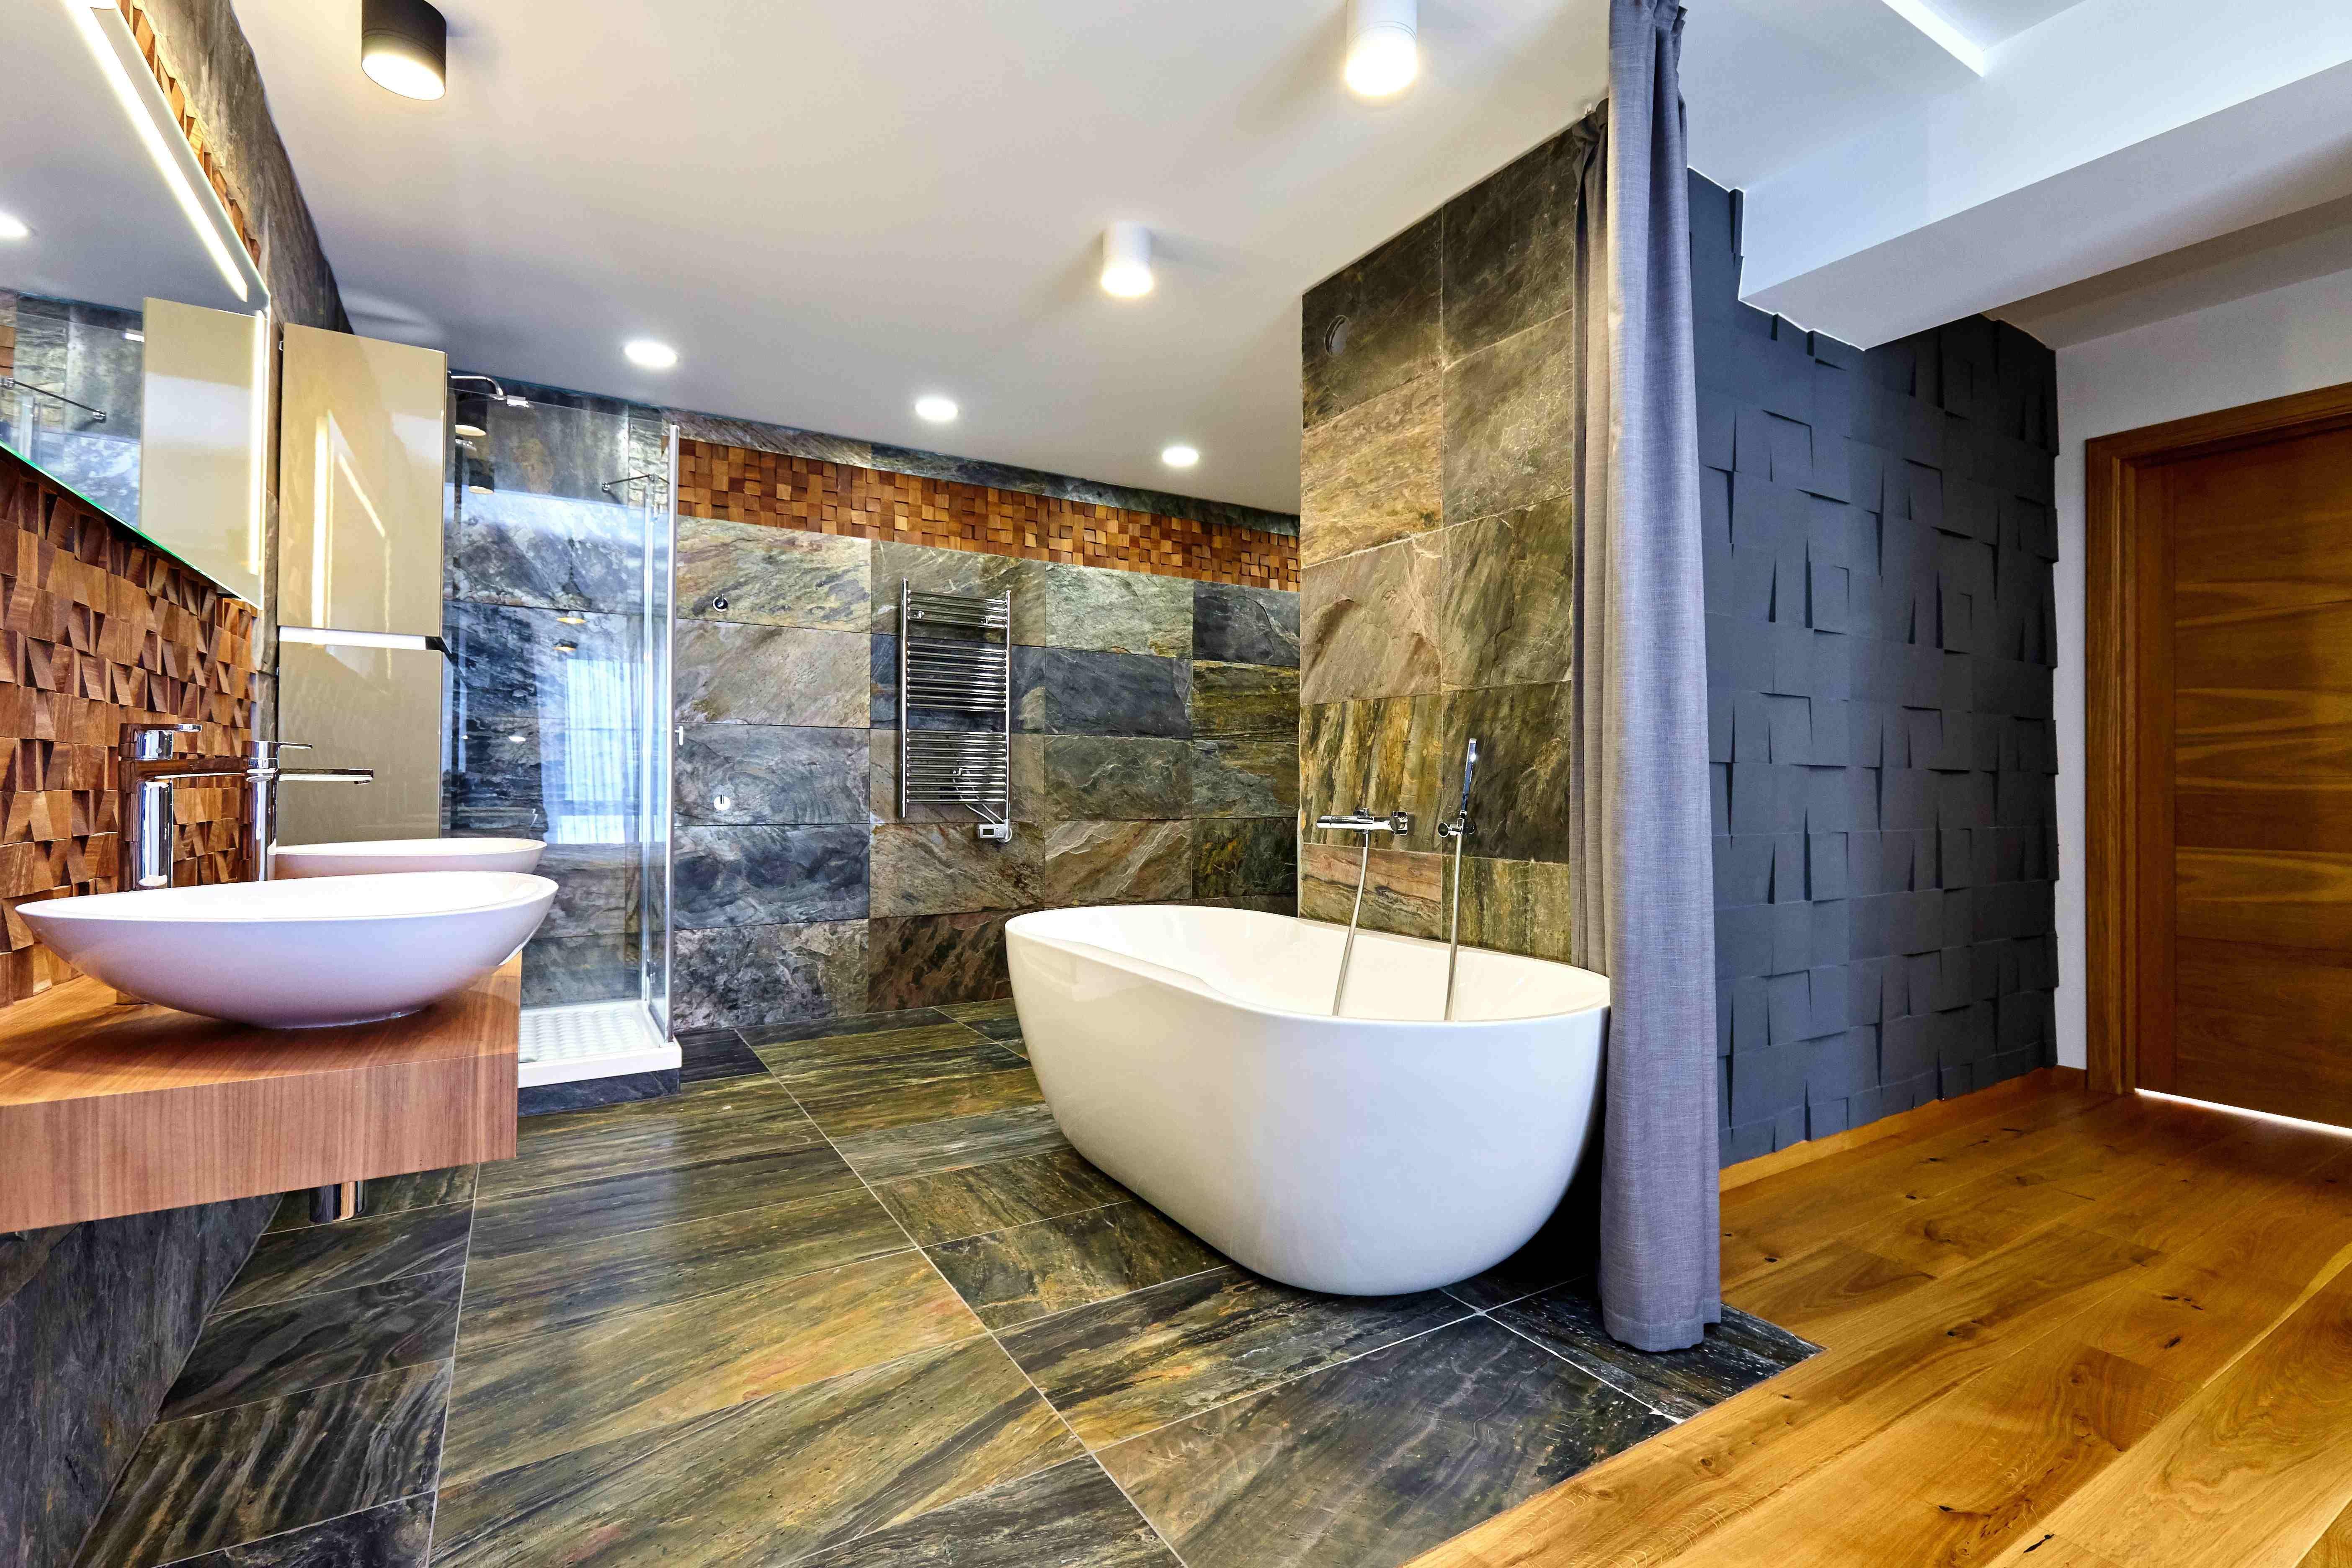 Che rivestimento murale scegliere per il bagno